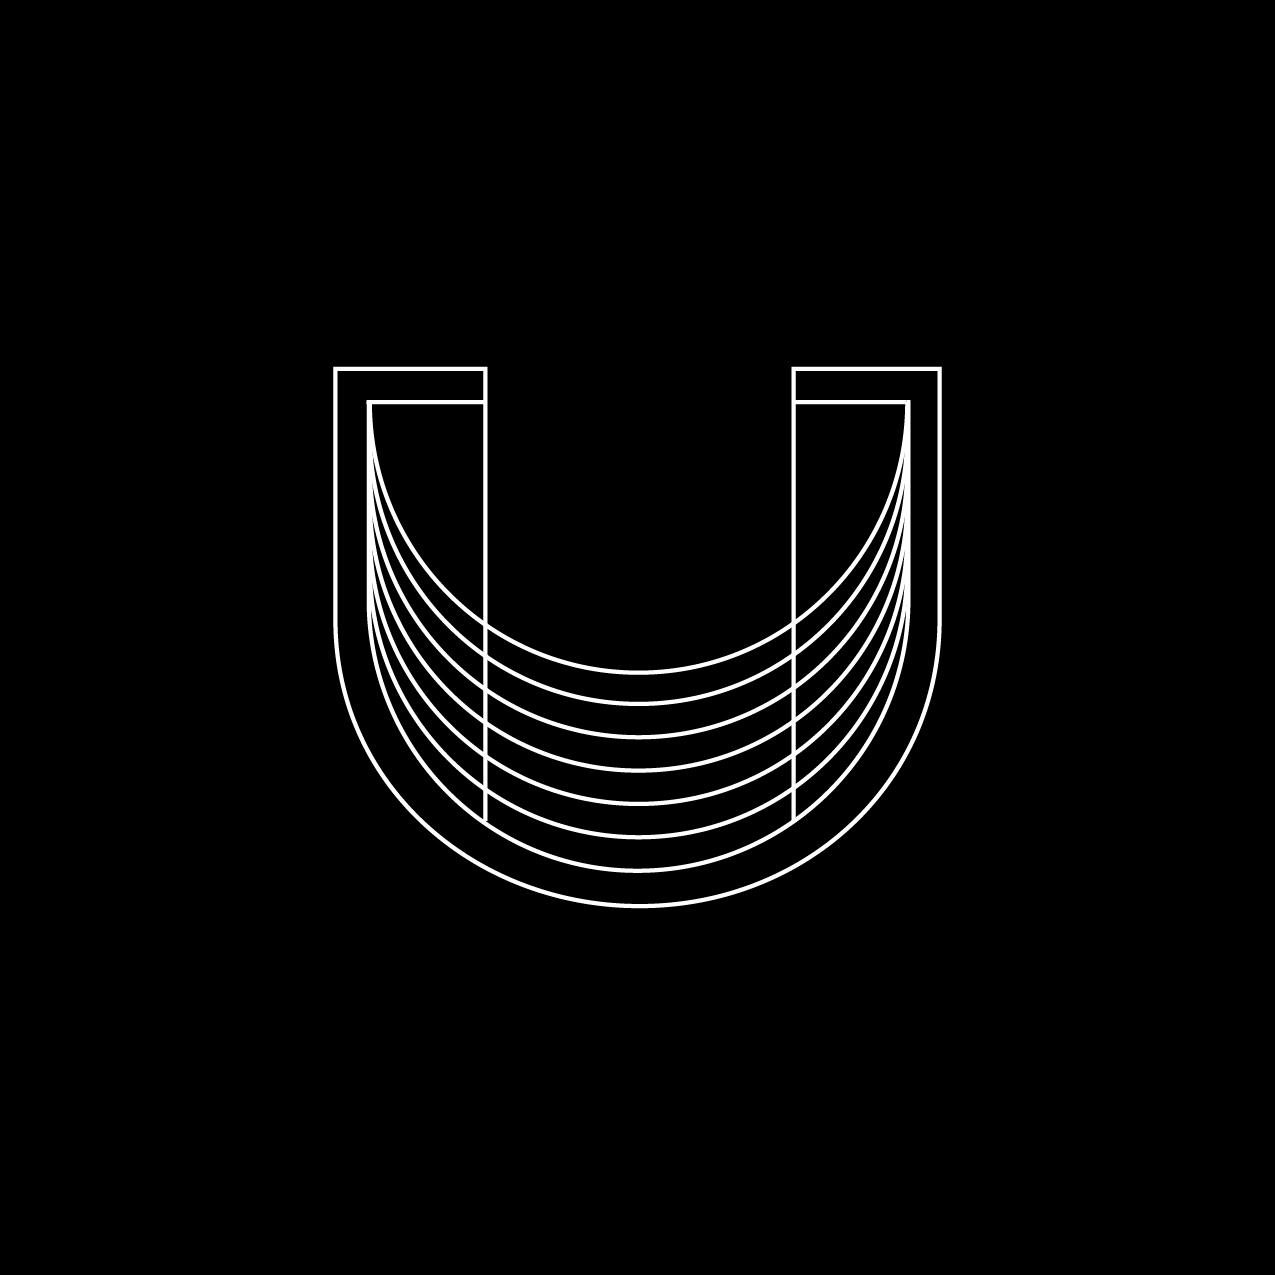 Letter U8 Design by Furia